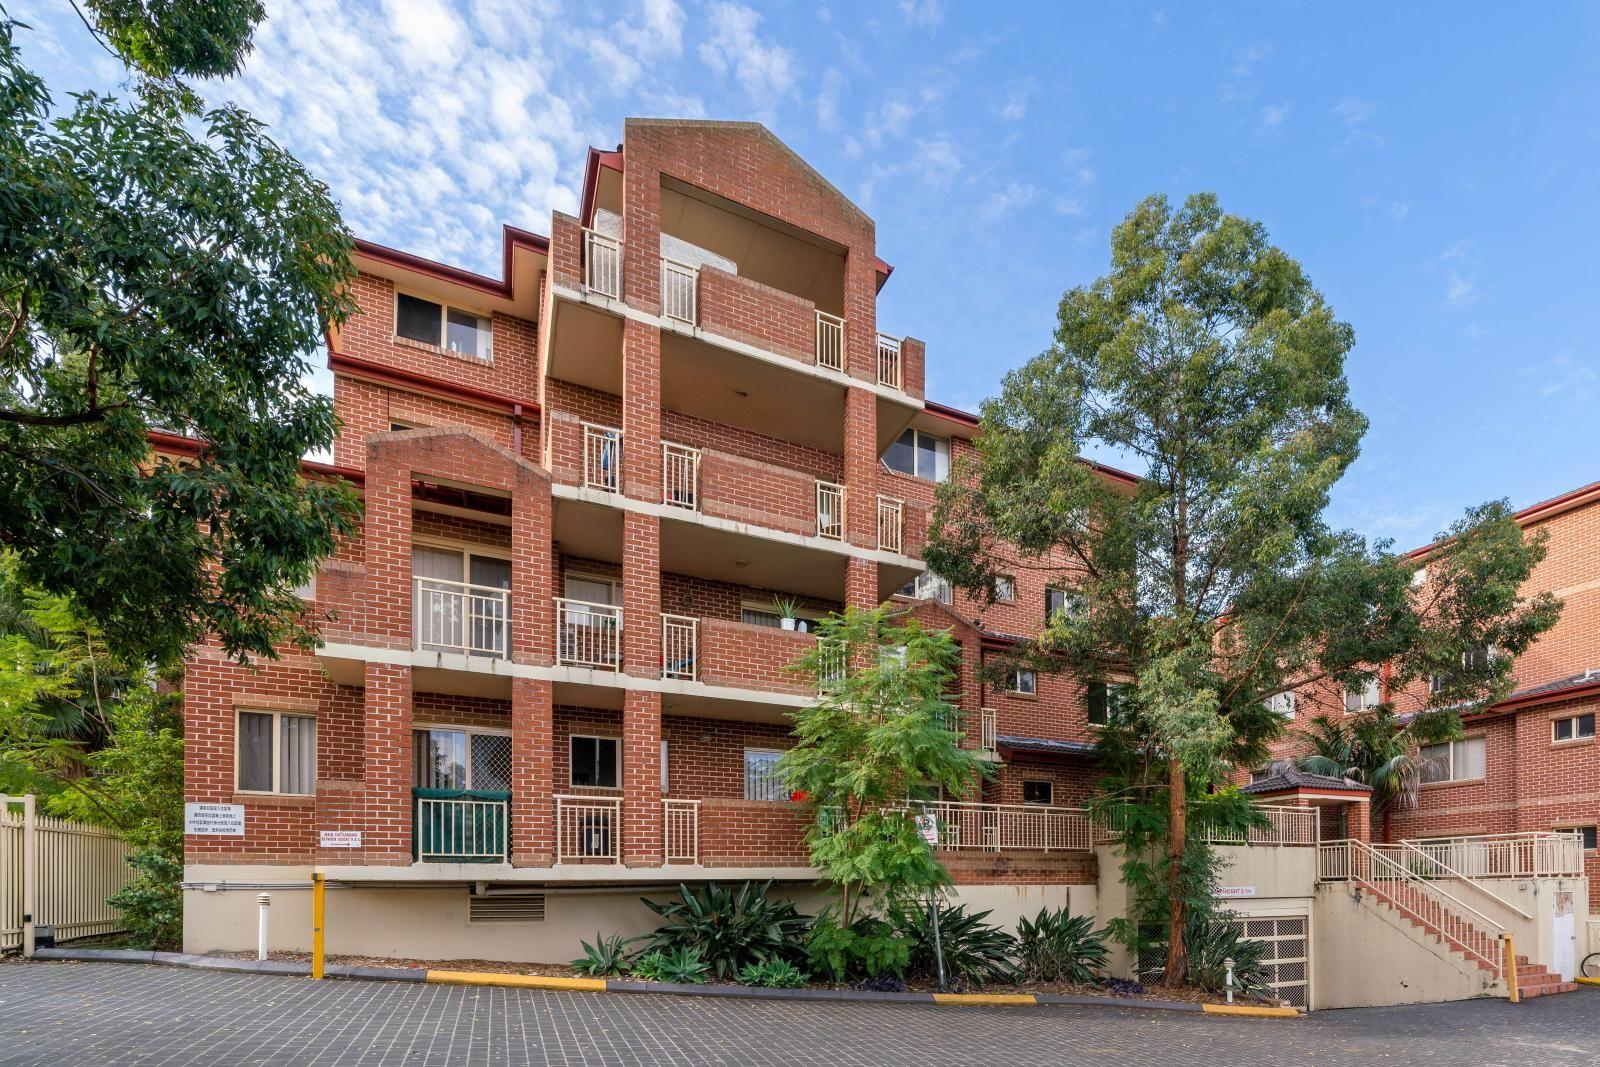 B9/88-98 Marsden Street, Parramatta NSW 2150, Image 0